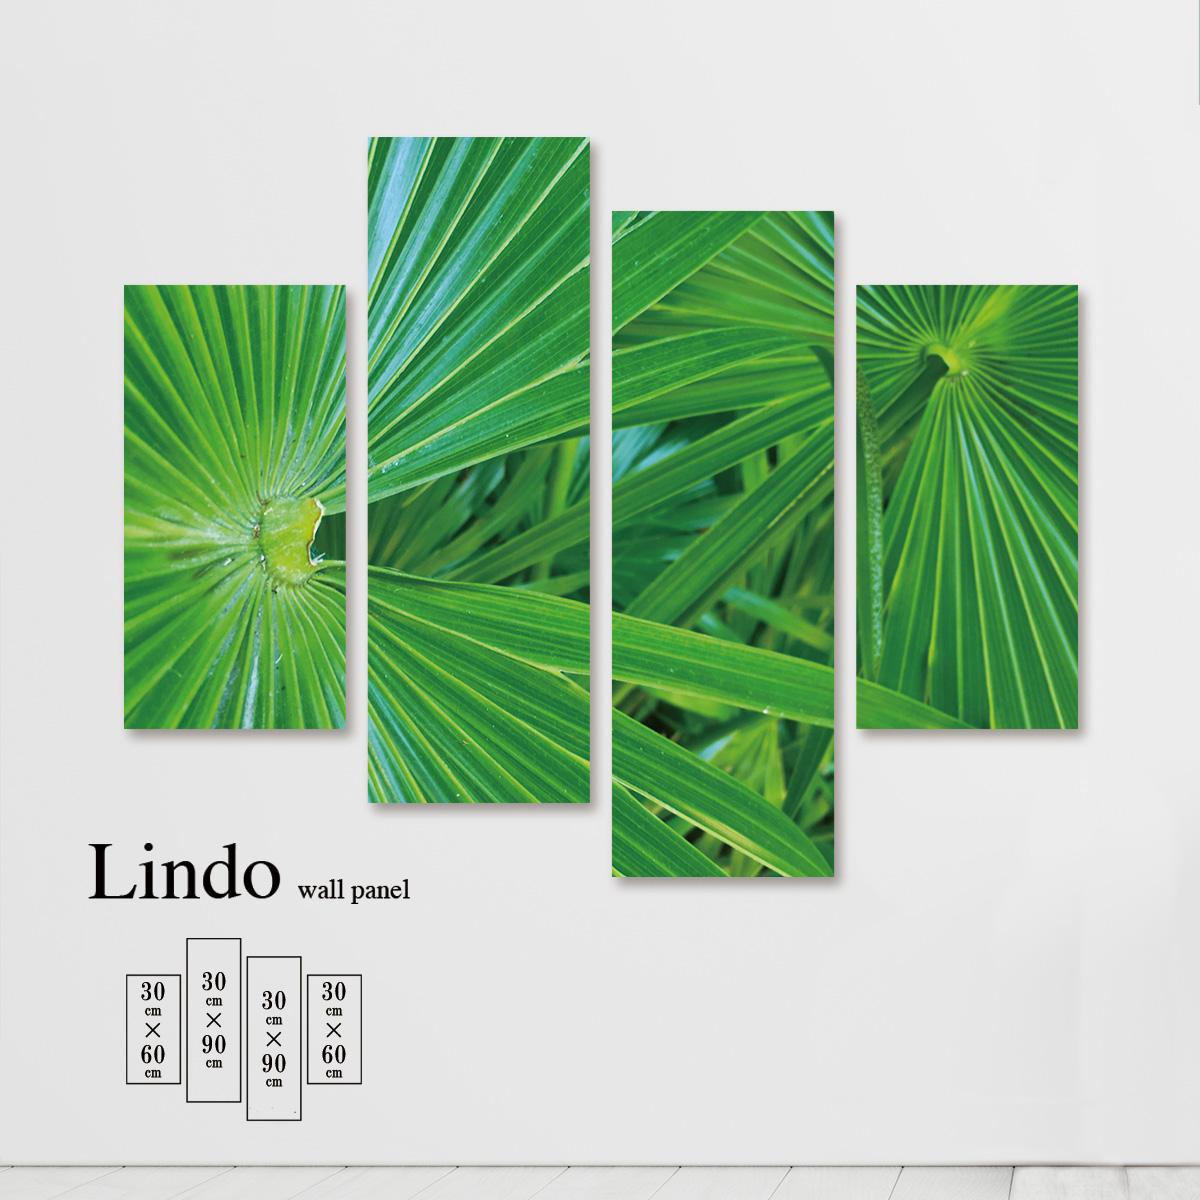 アートパネル 葉っぱ リーフ 自然 ナチュラル 木 グリーン 緑 壁掛け 北欧 お洒落 デザイン ファブリック 壁飾り アートボード 4枚パネル